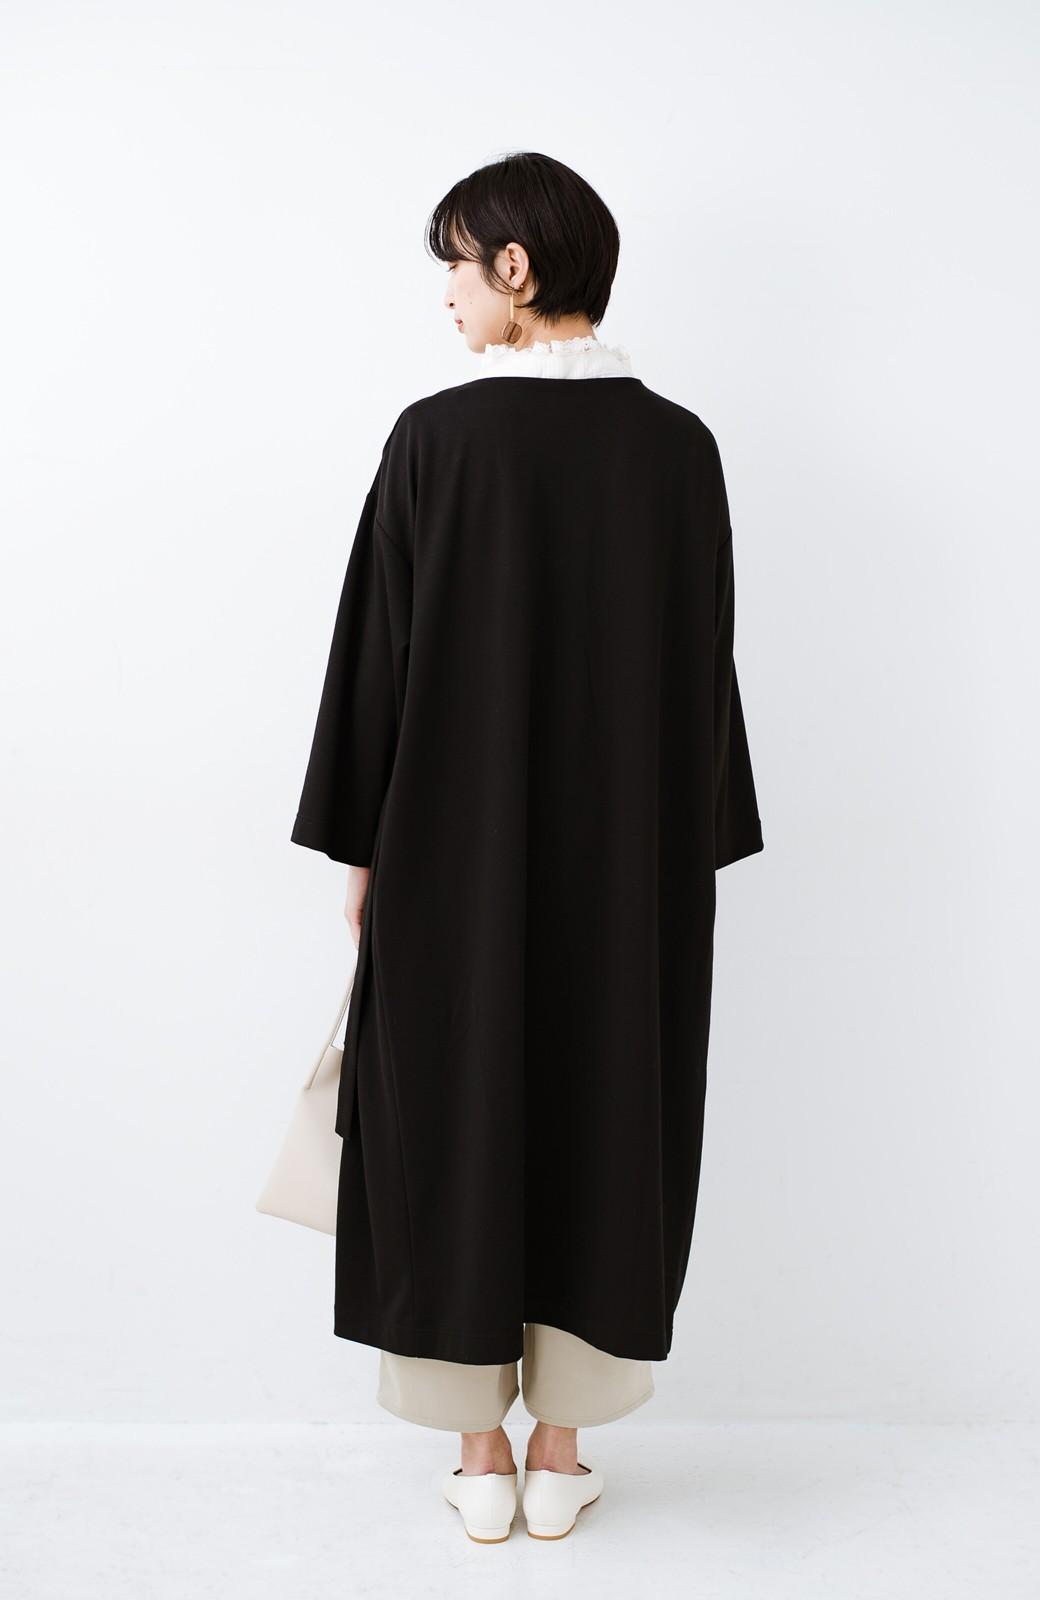 haco! サイドリボンと落ち感が女っぽい 羽織り&重ね着を楽しむカットソーワンピース <ブラック>の商品写真17